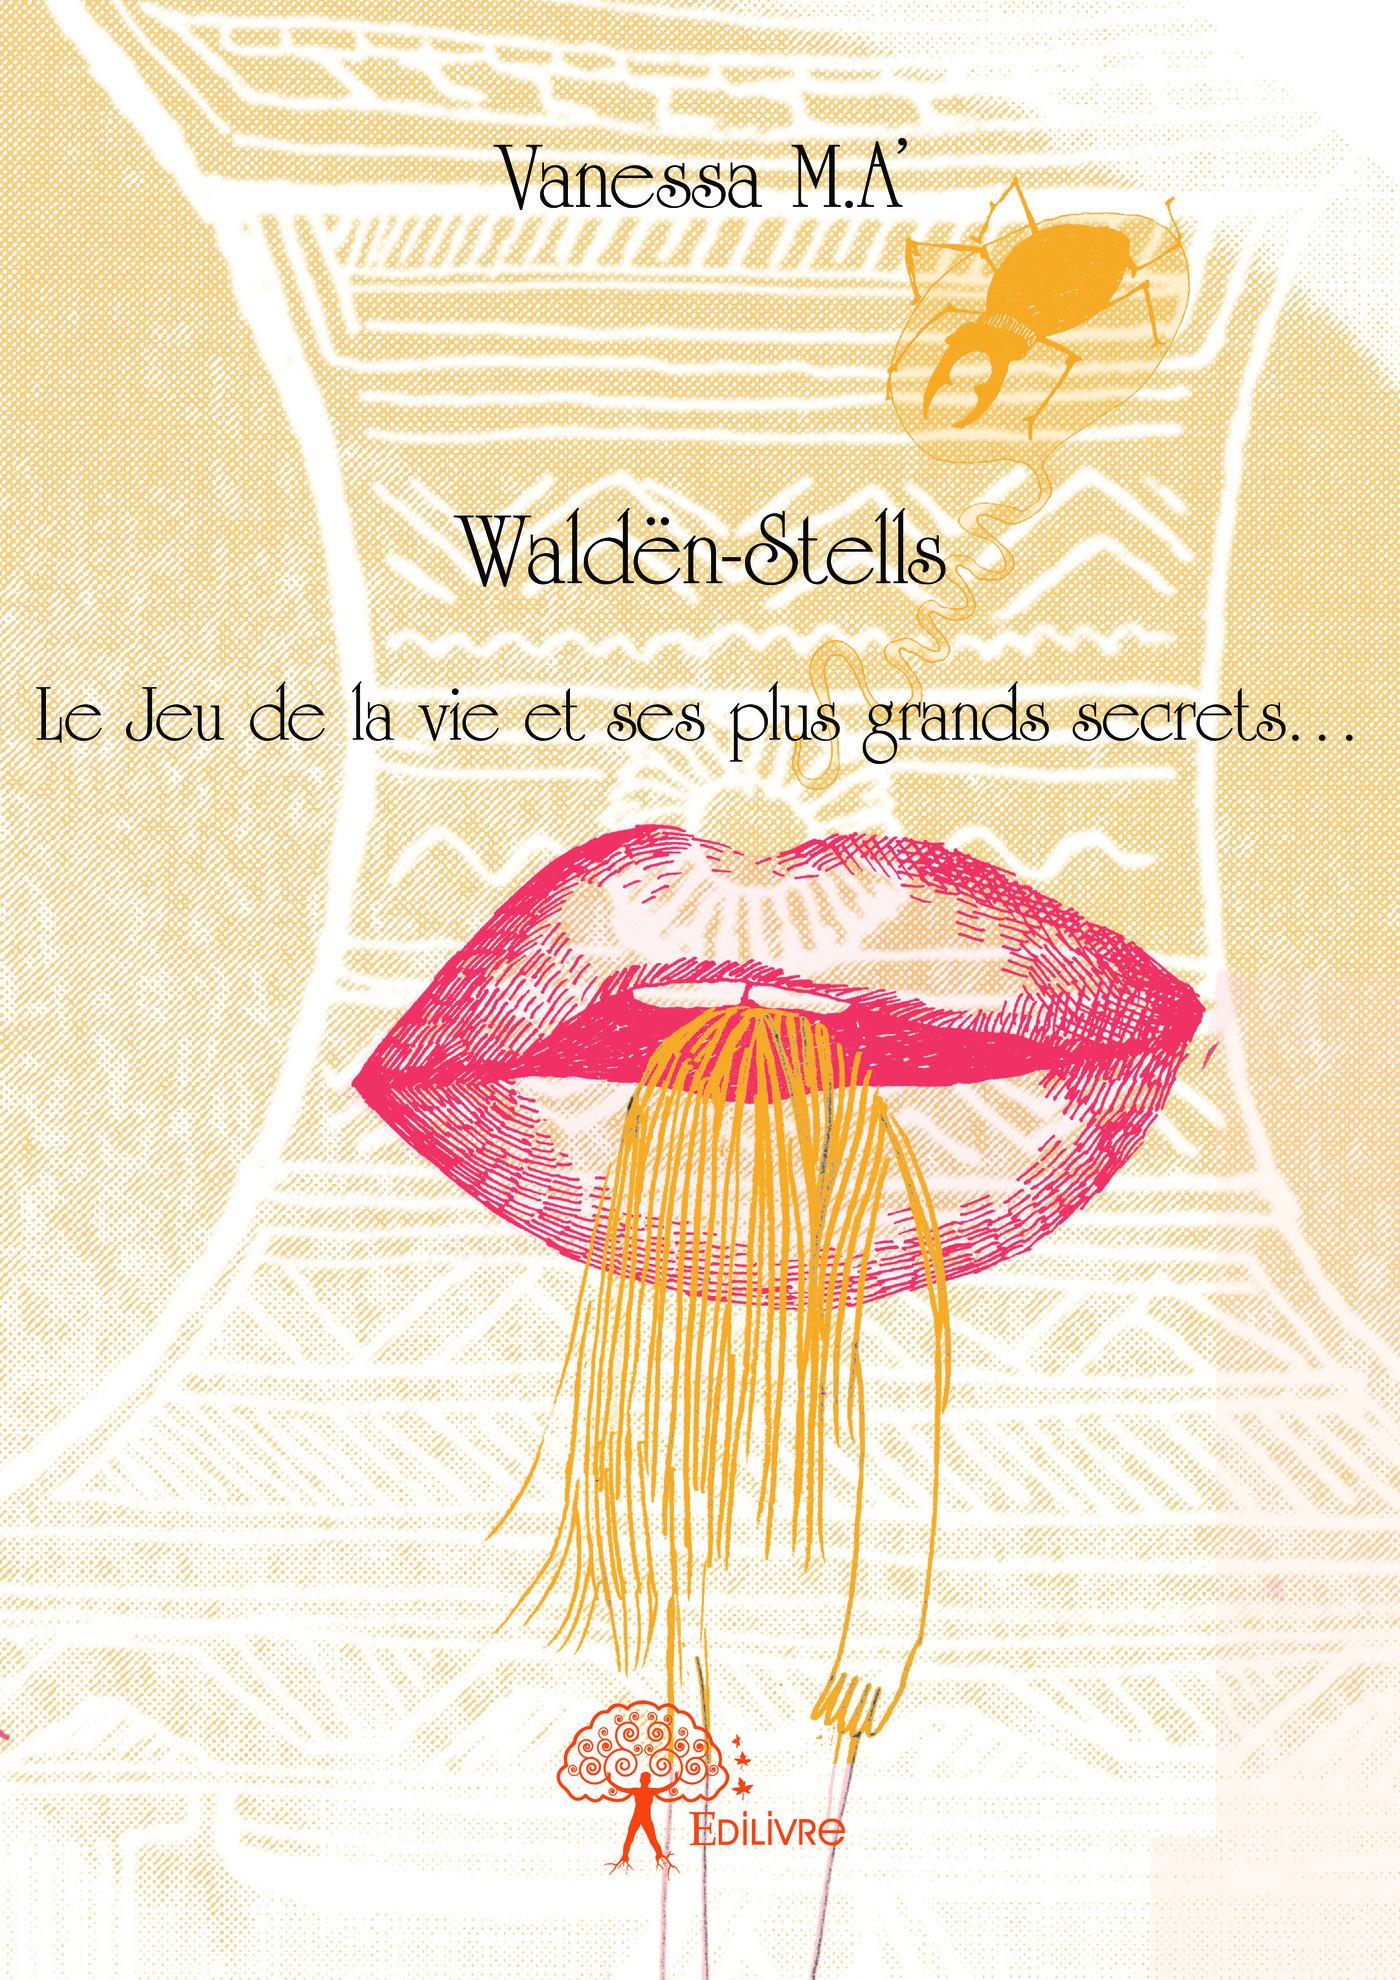 Waldën-Stells  - Vanessa M.A'